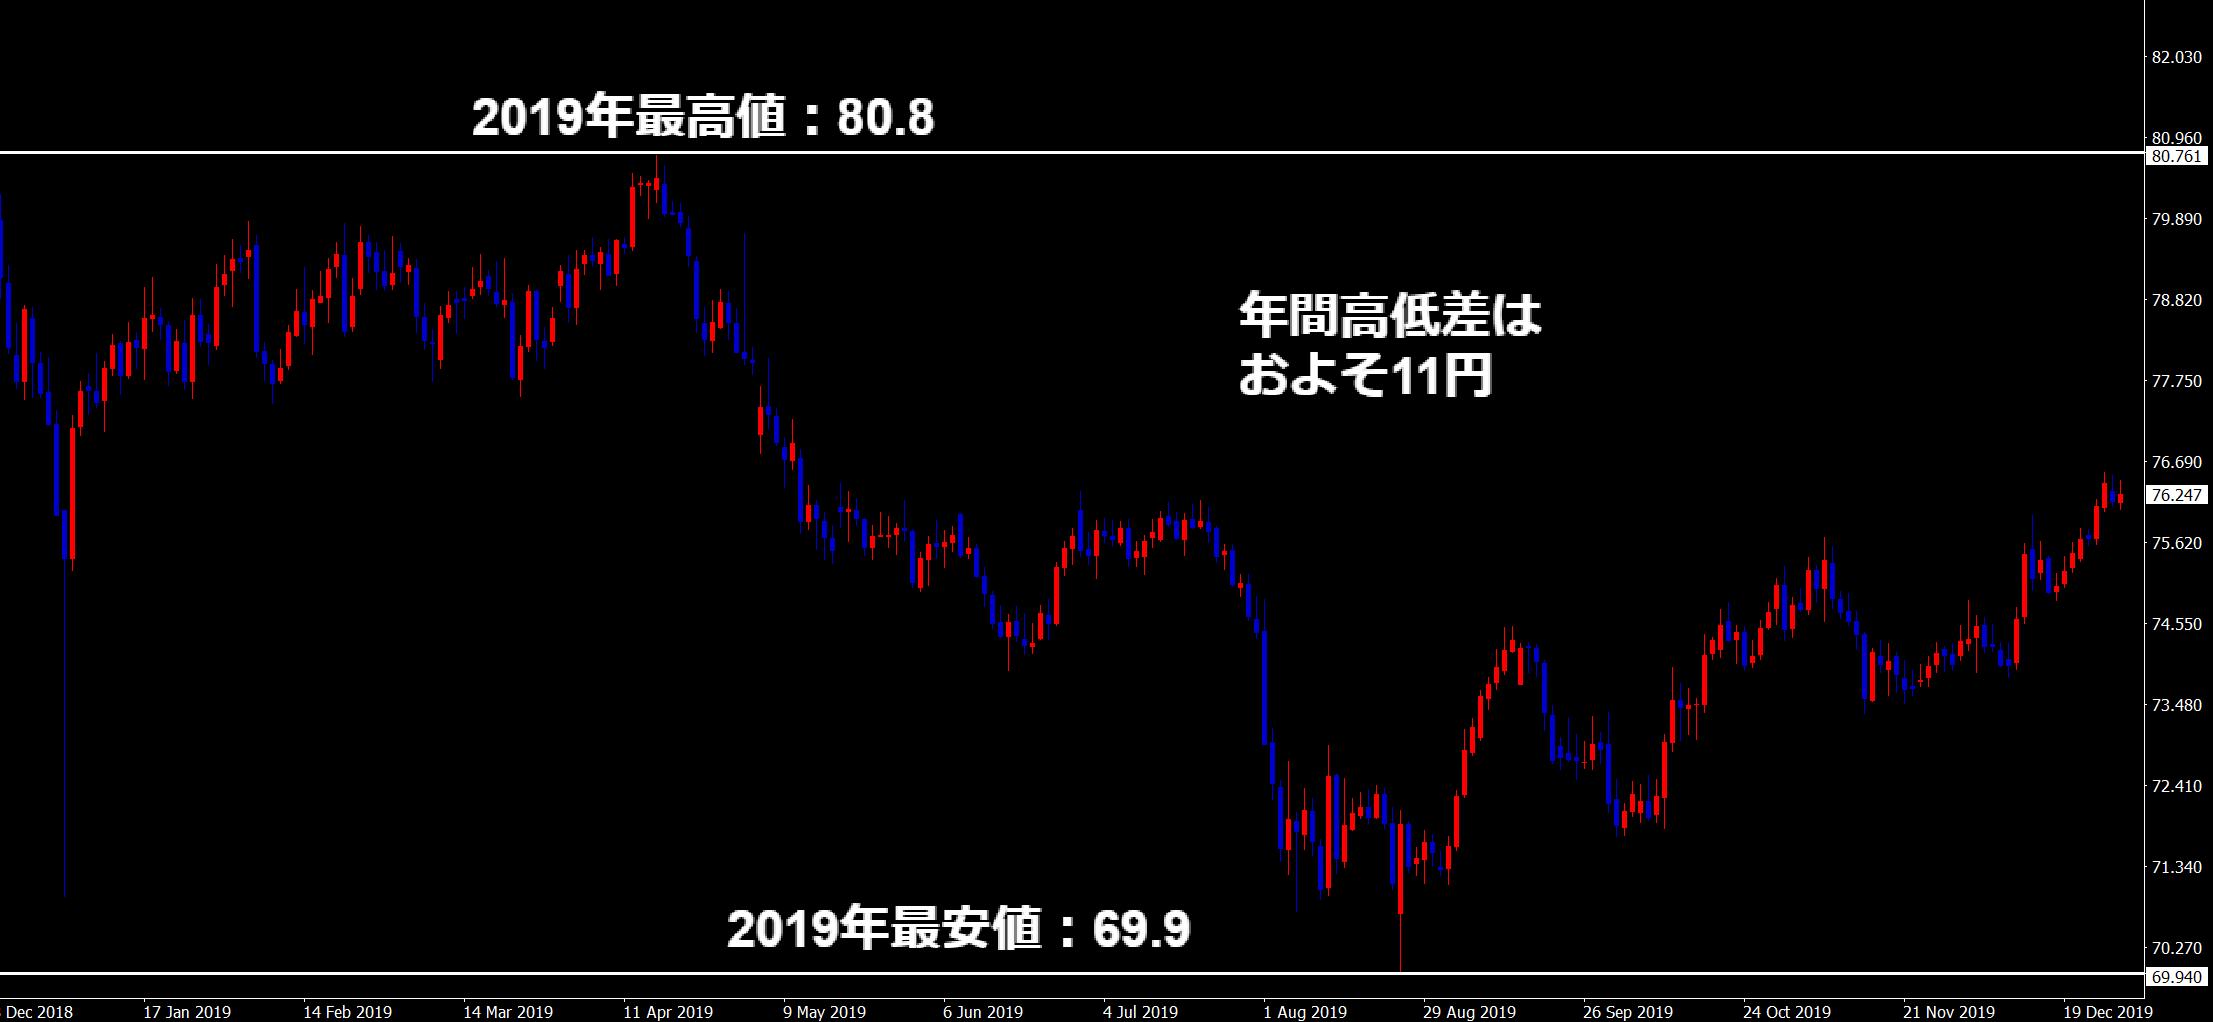 2019年の豪ドル円チャート